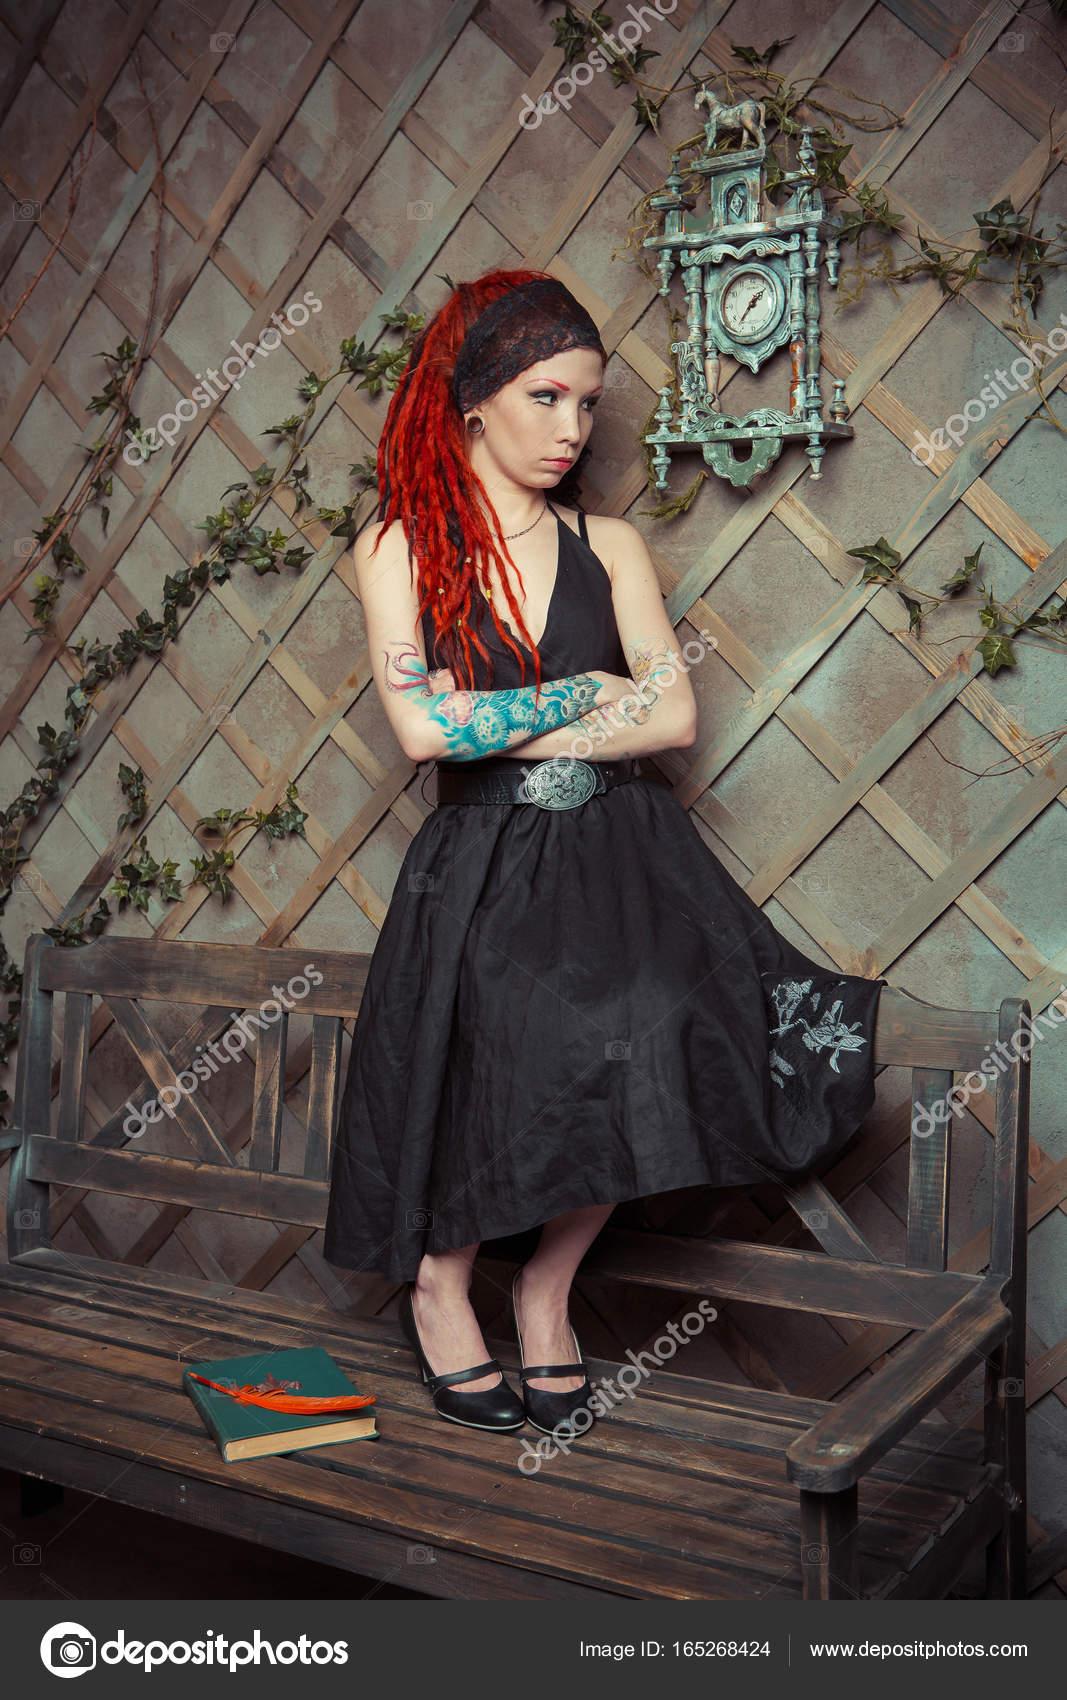 dbbdb368febdfc Getatoeëerd meisje met rode dreadlocks